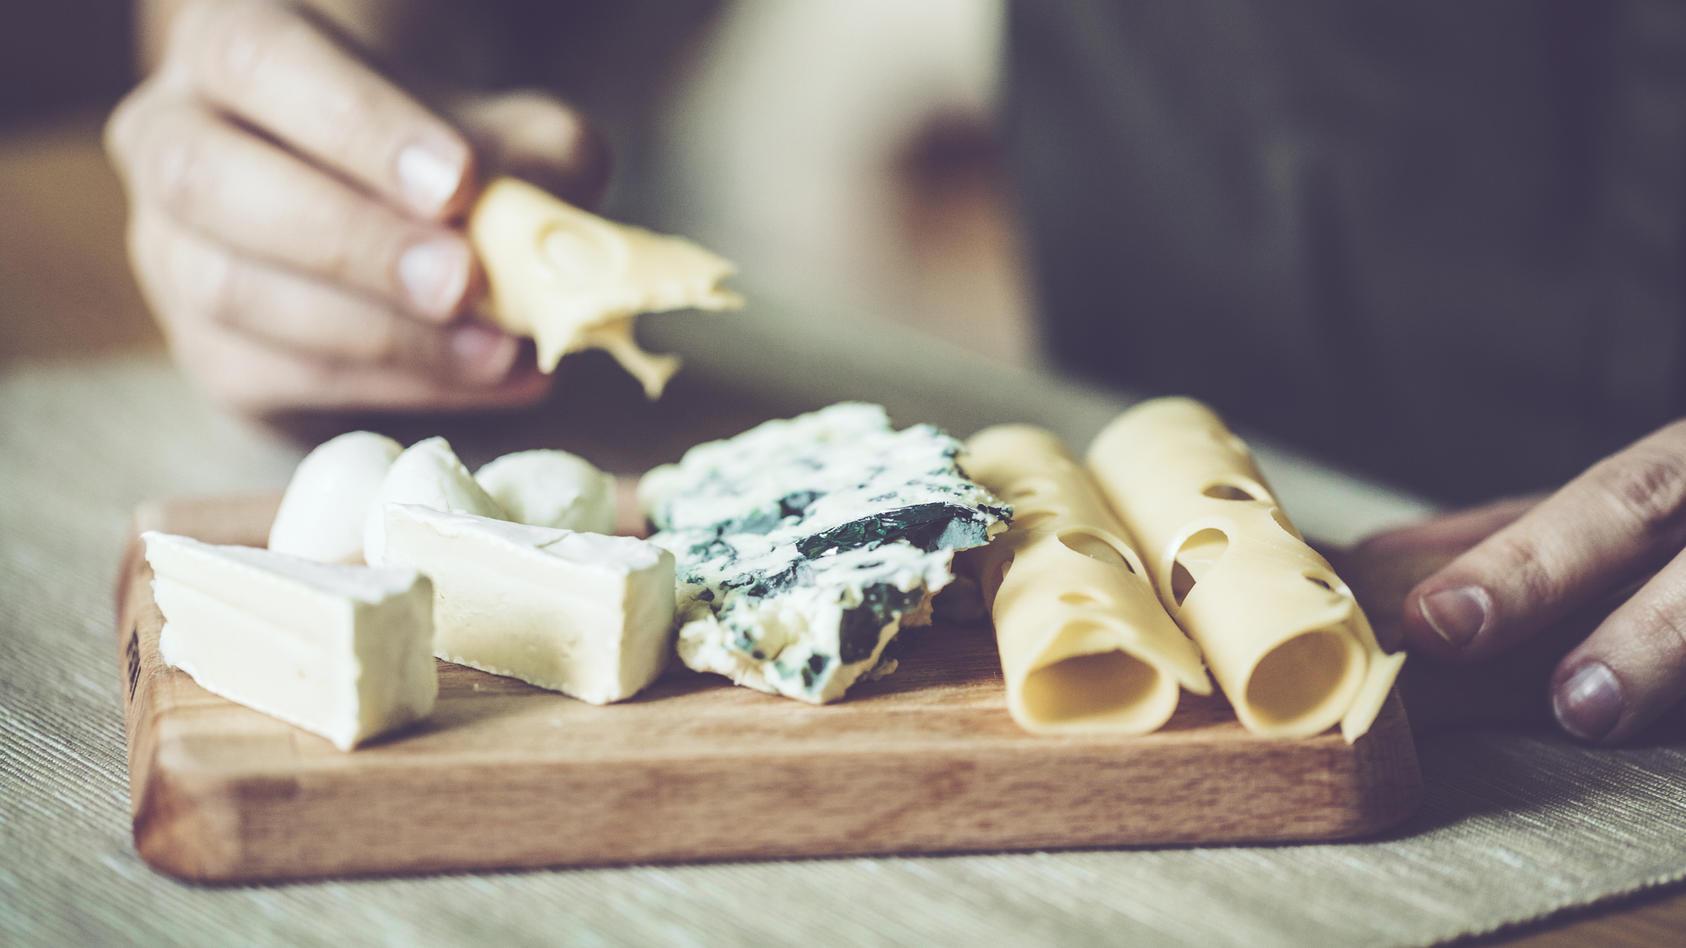 Manche Käsesorten riechen strenger als andere. Woran liegt das genau?